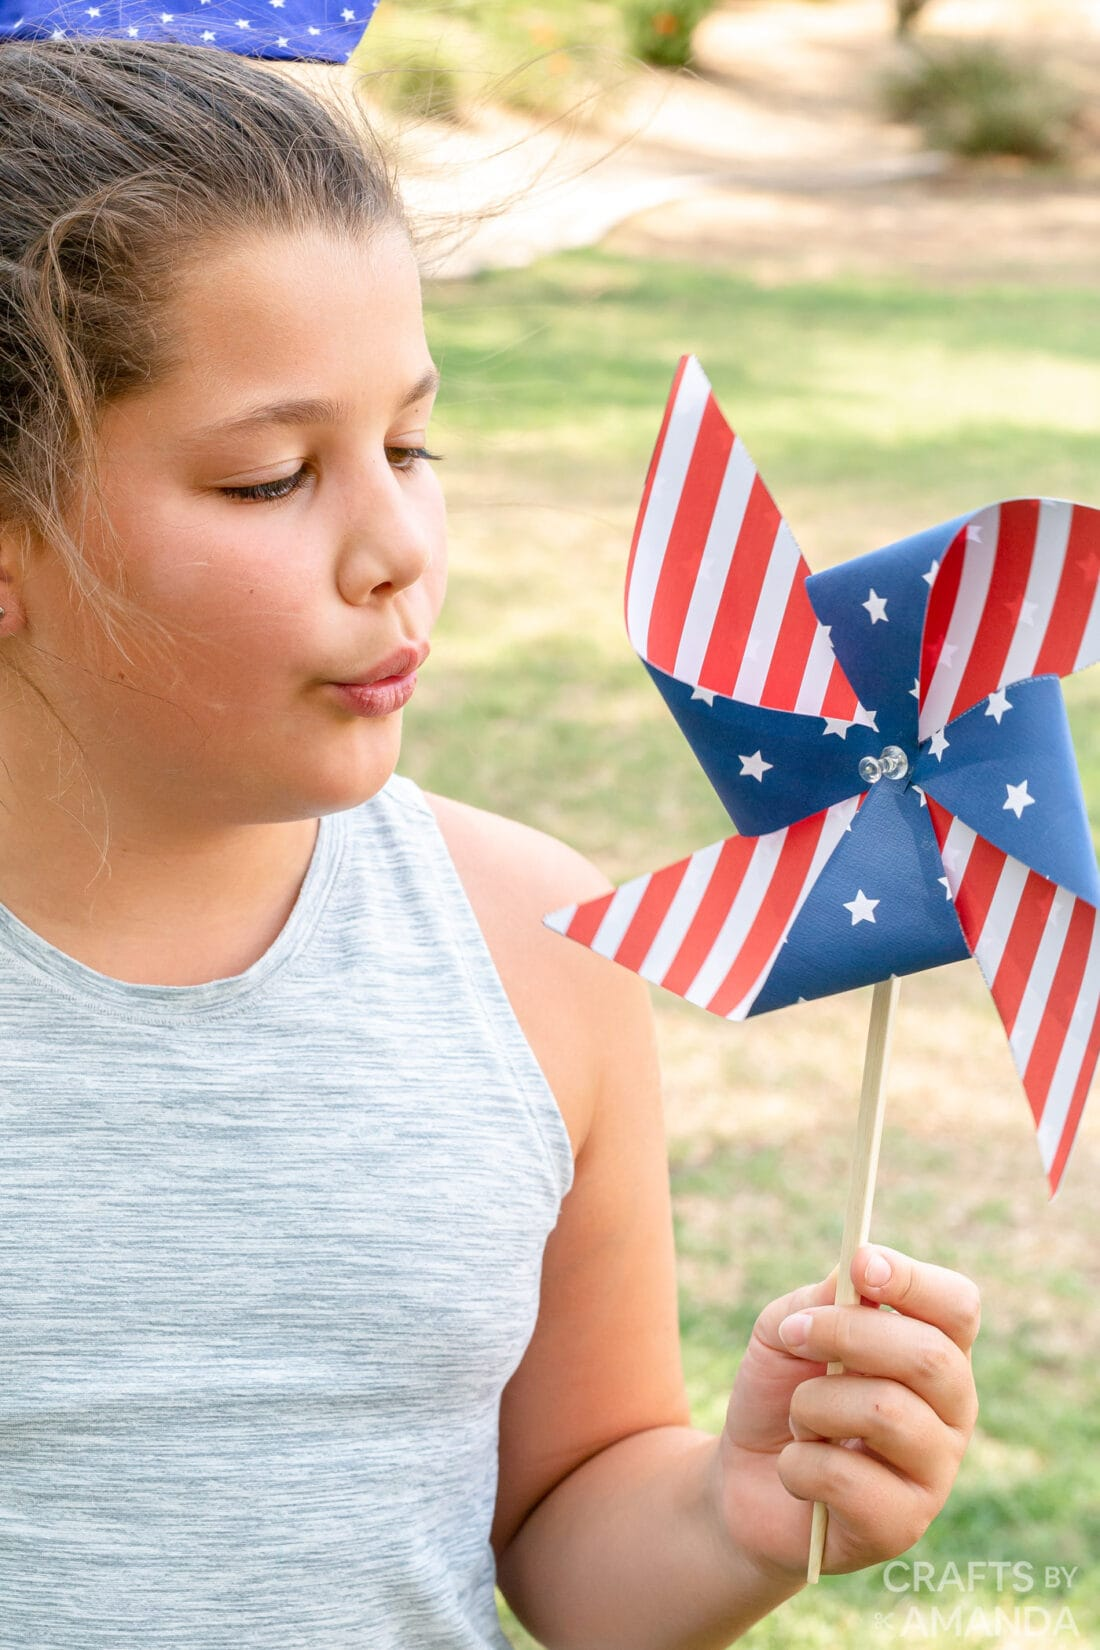 girl blowing on pinwheel